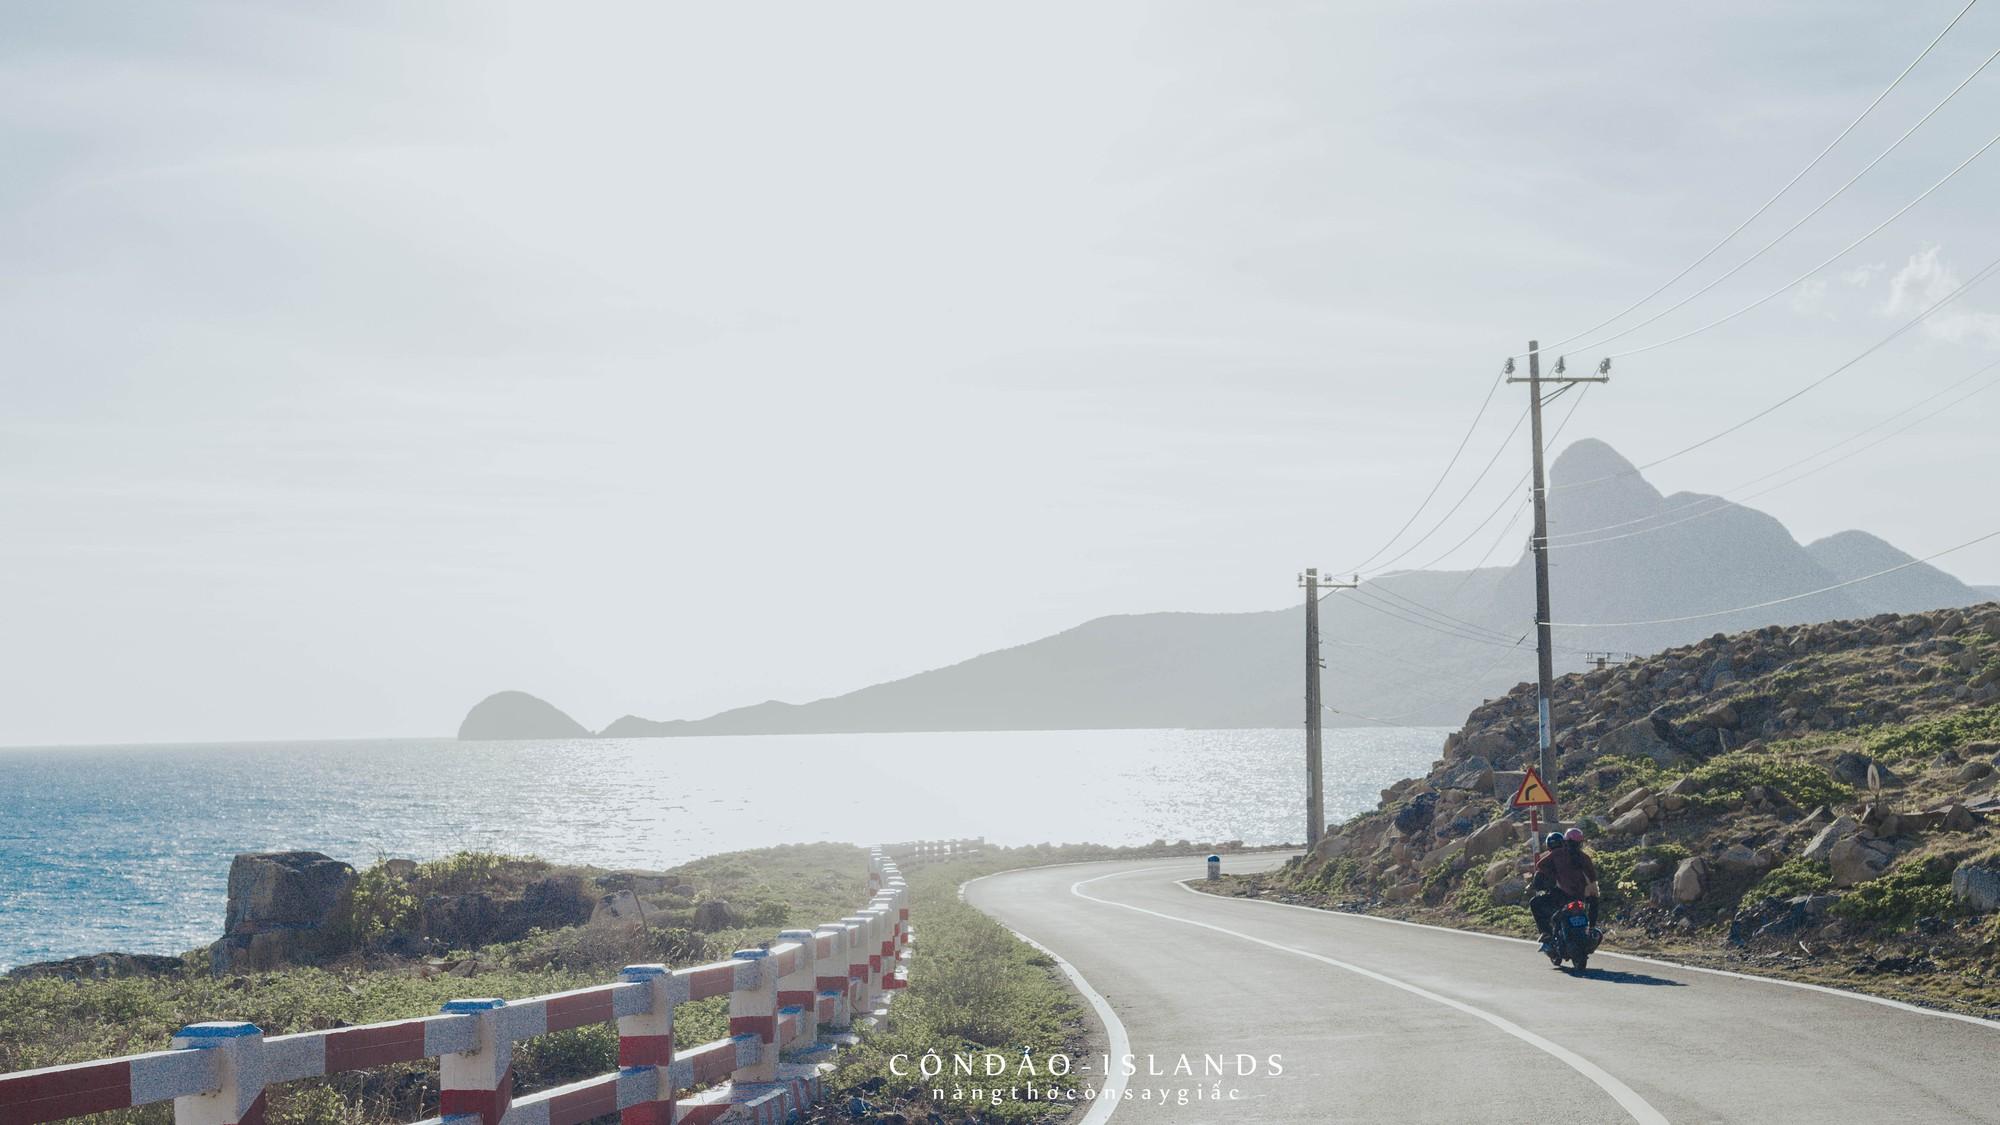 Đẹp đến từng ngóc ngách thế này, bảo sao Côn Đảo lại được mệnh danh là Jeju phiên bản Việt - Ảnh 2.